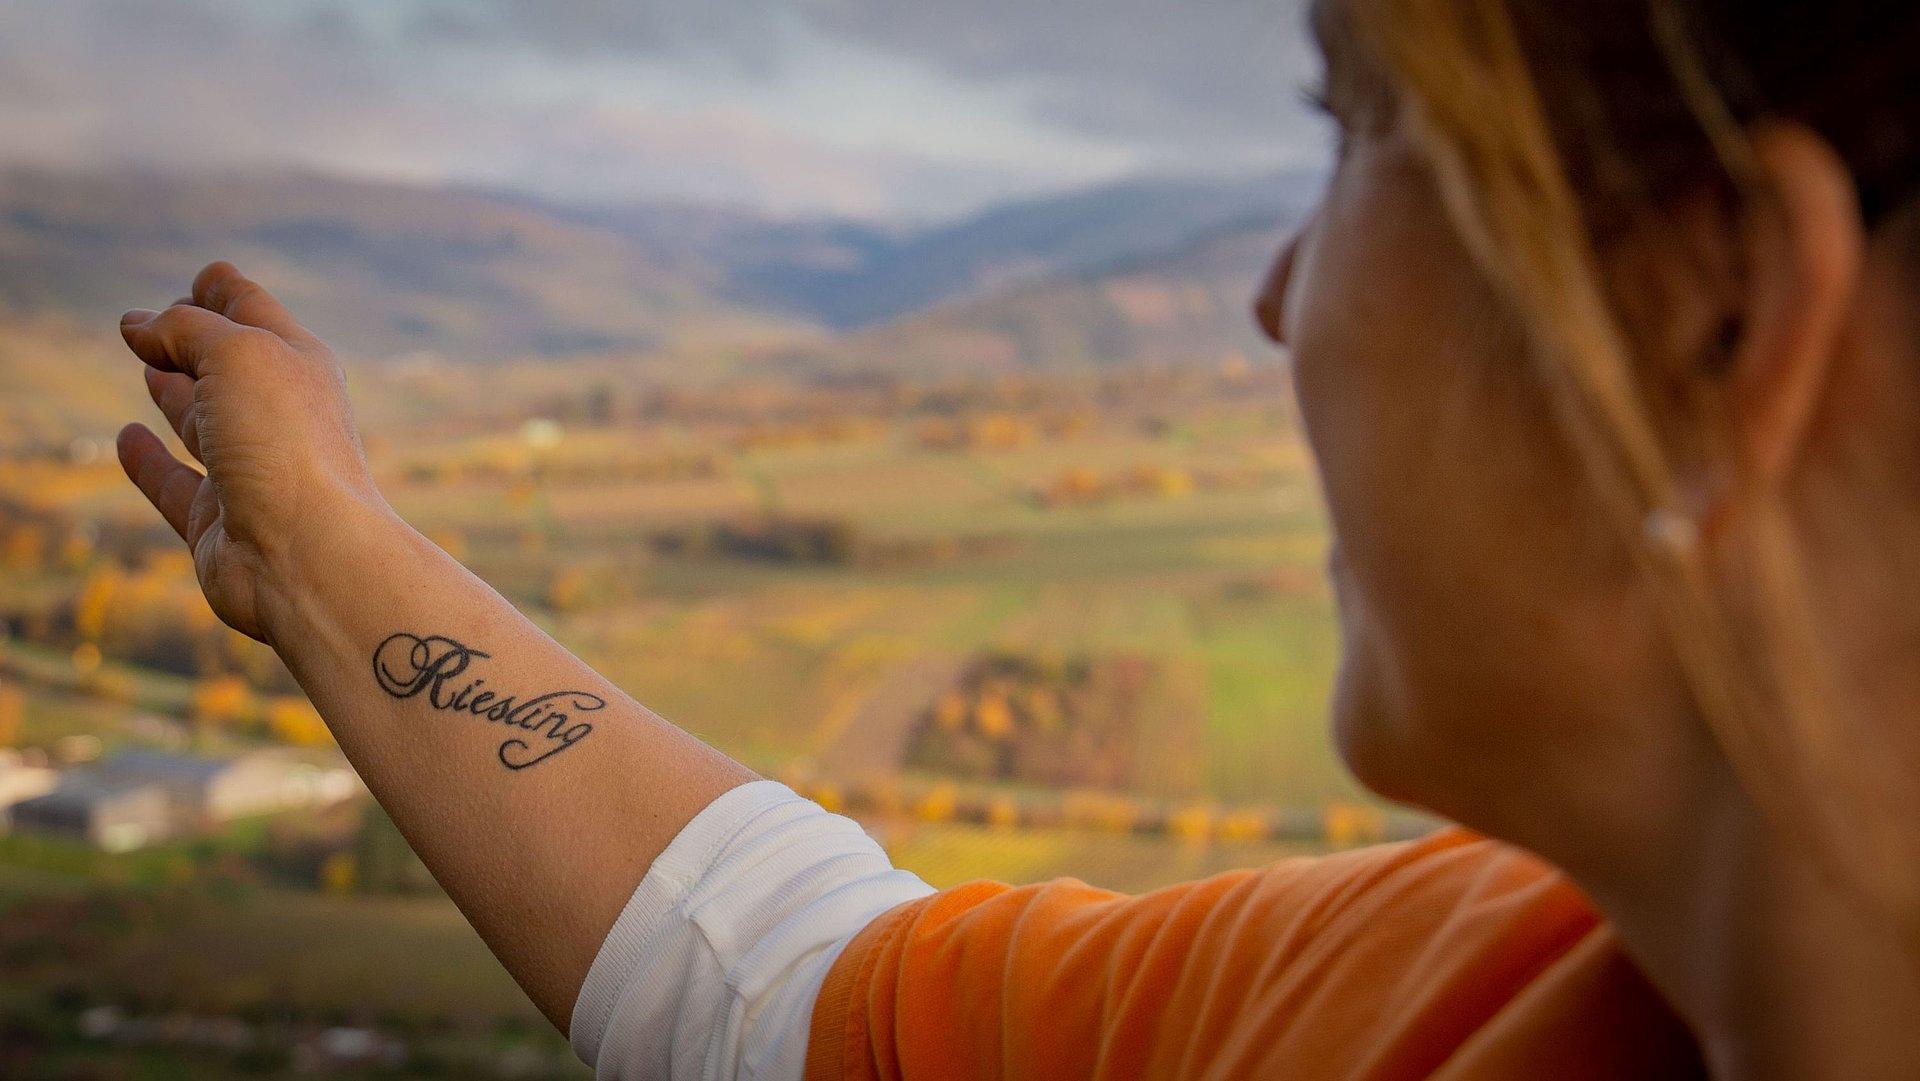 Kultur- und Weinbotschafterin mit Riesling-Tattoo, Mosel